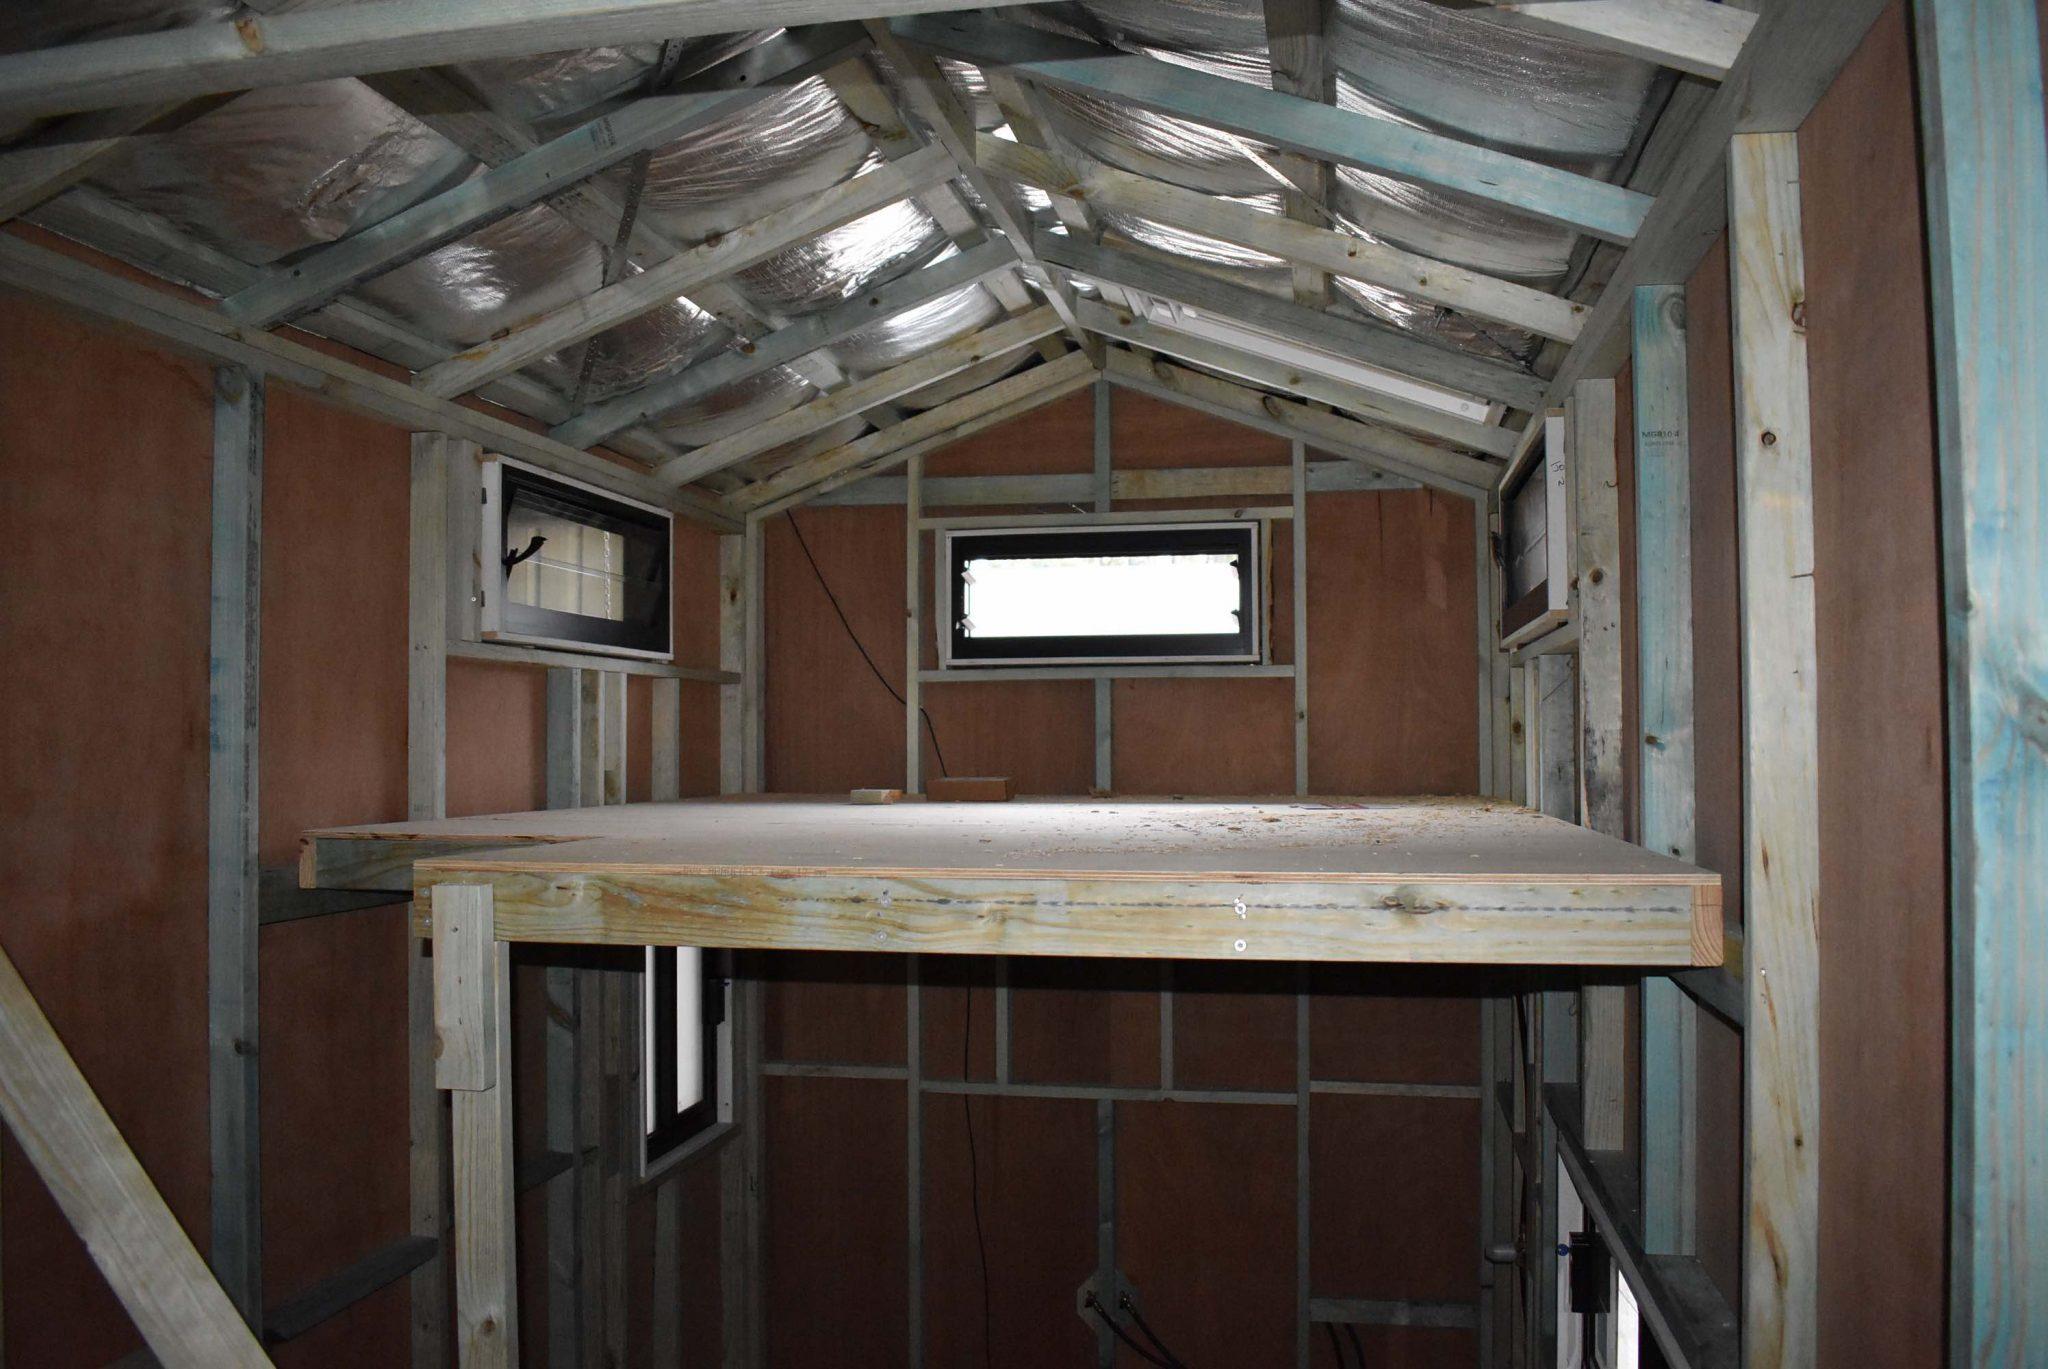 Studio Series 3600SL Interior During Construction